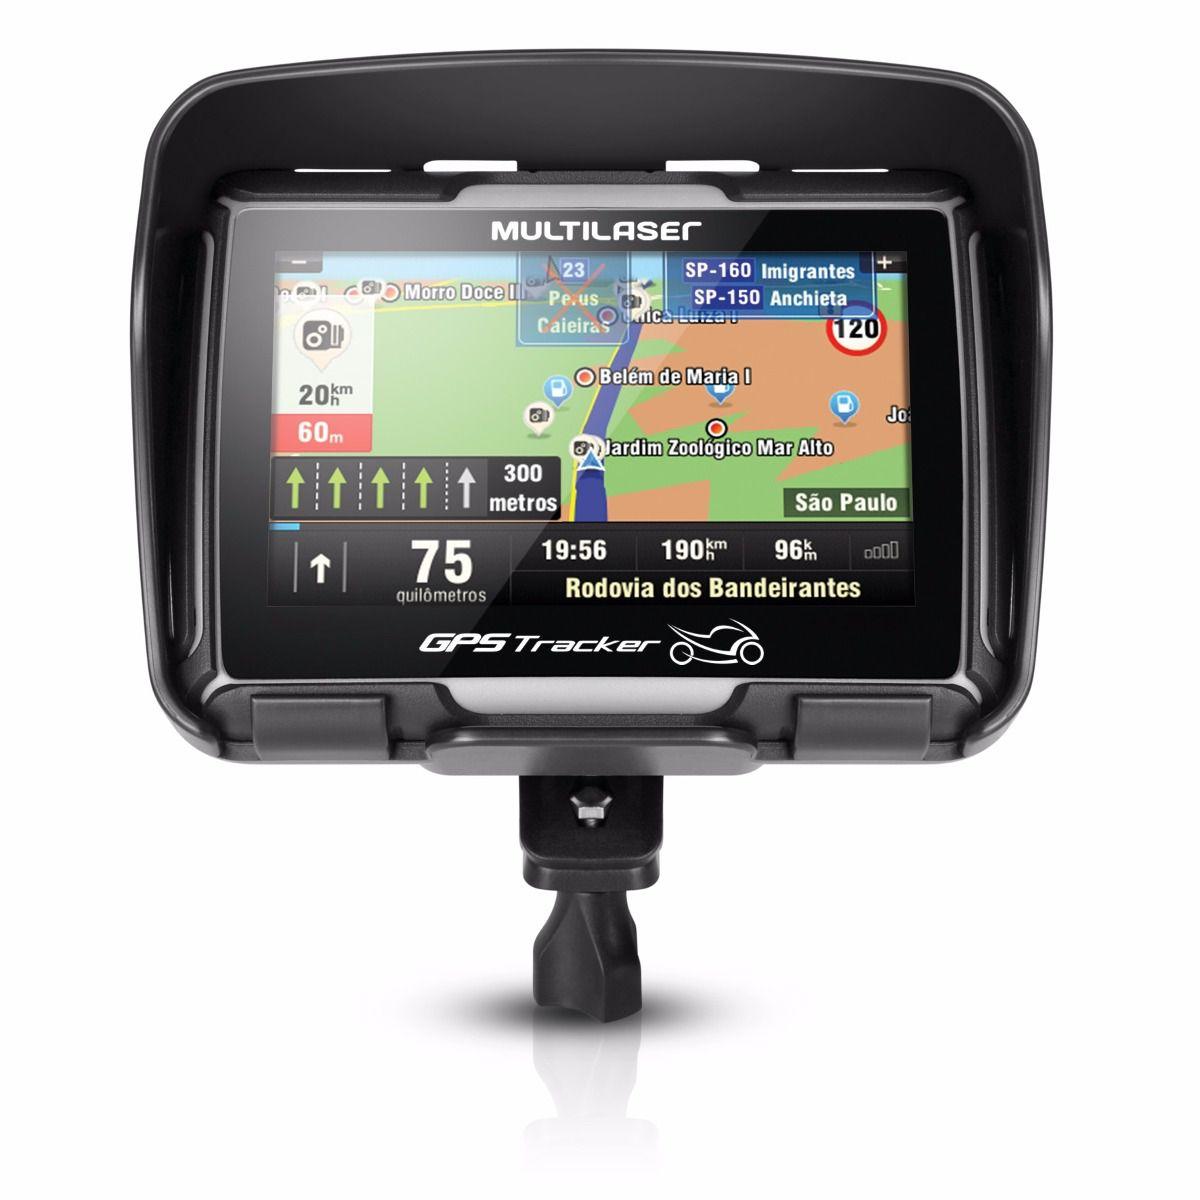 GPS para Moto à prova d'água com suporte Multilaser